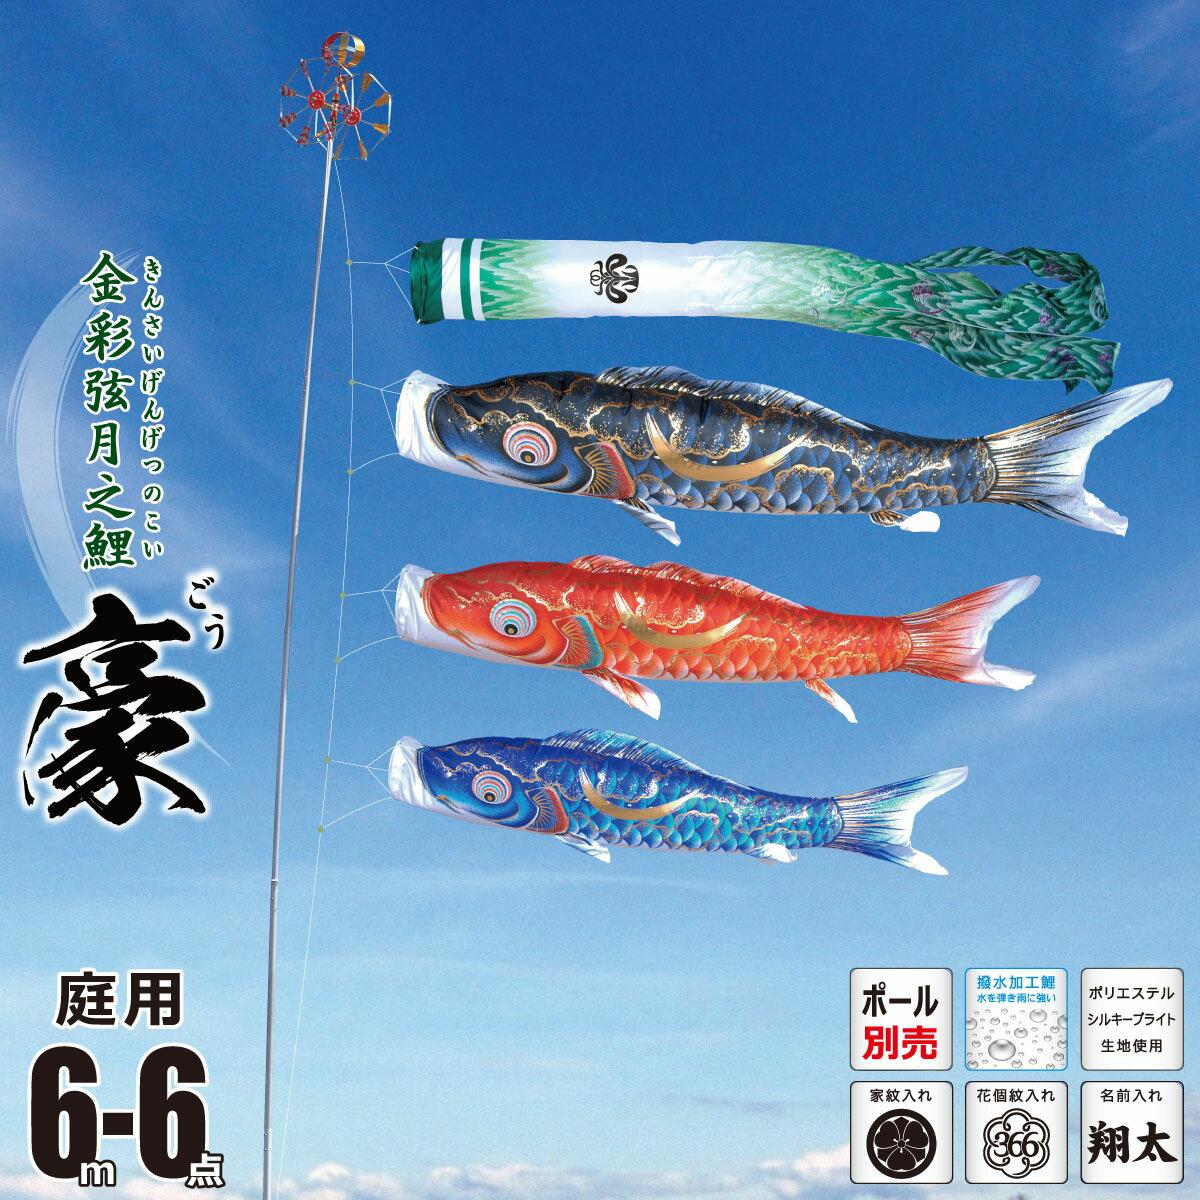 こいのぼり 6m 豪(ごう) 6点 (矢車、ロープ、吹流し、鯉3匹) 庭園用 (ポール別売り) 徳永鯉のぼり ポイント20倍 KIT-001-809